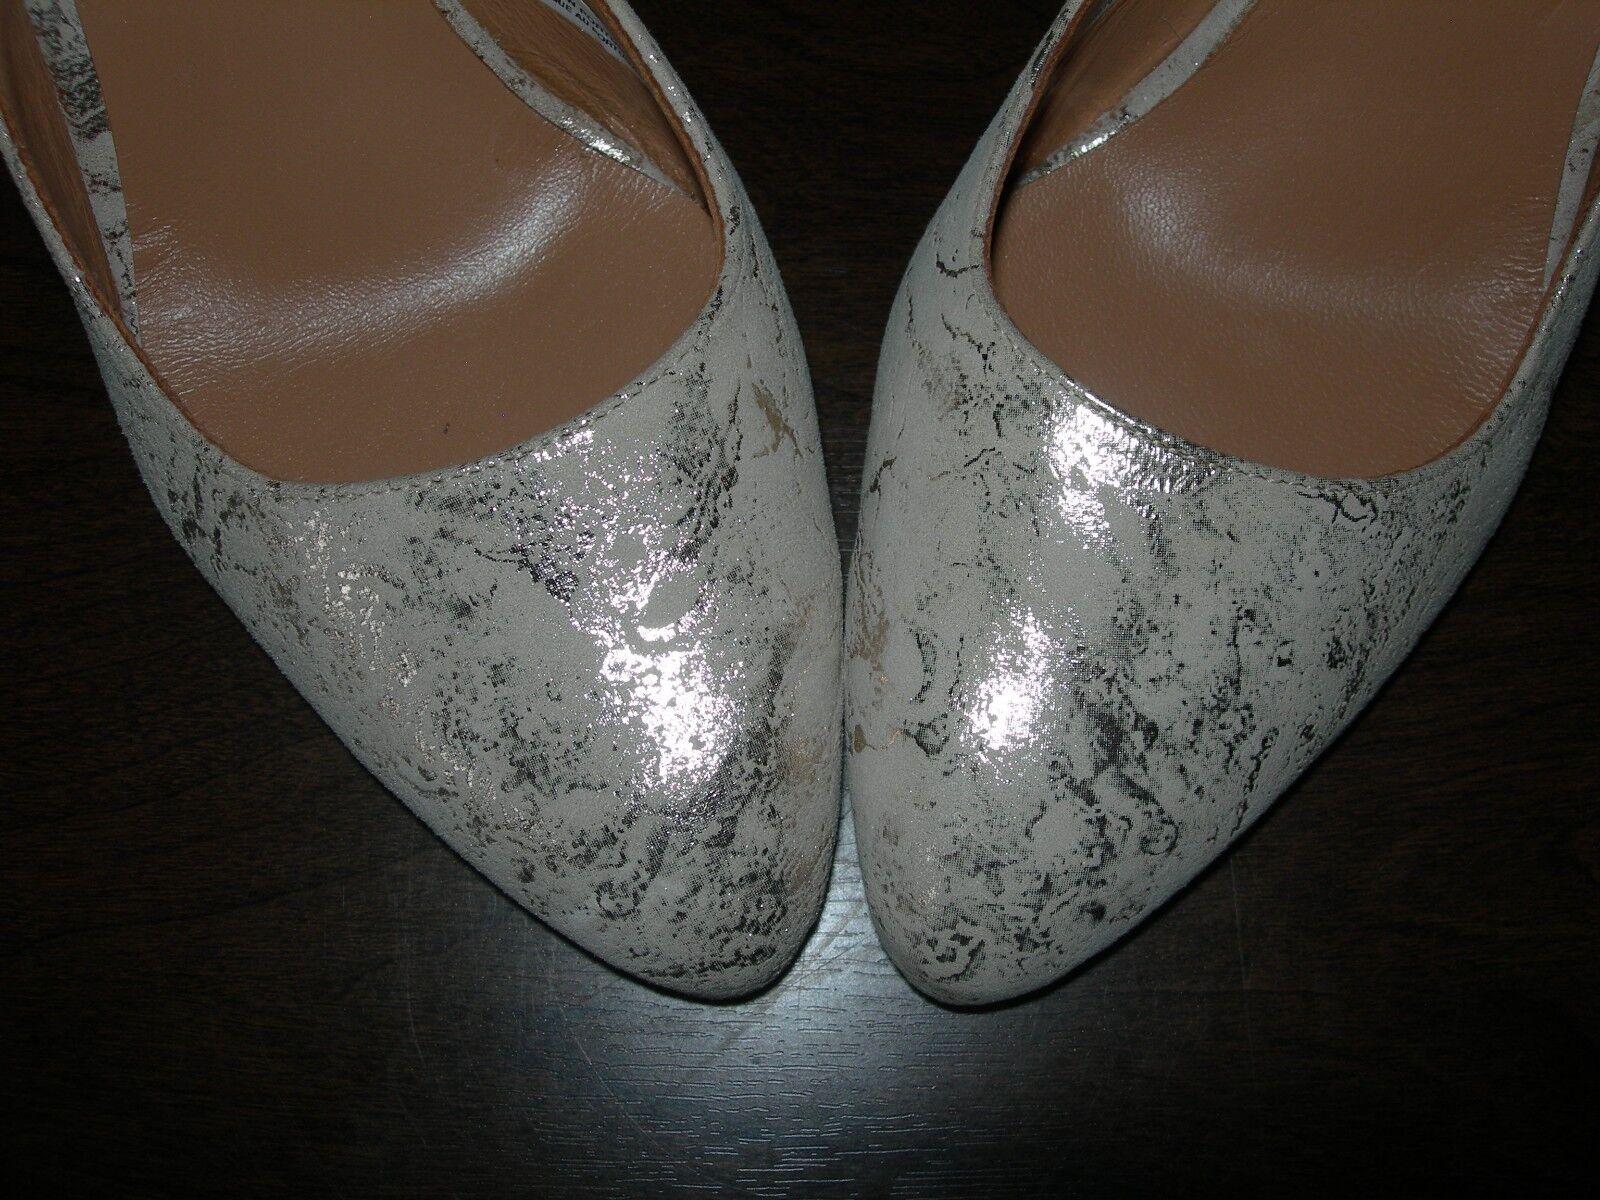 CLARKS WOMEN'S Schuhe SANDALS HIGH HEEL BEIGE GOLDEN SUEDE EU ELEGANT EU SUEDE 39 / UK 5.5 f4f1be